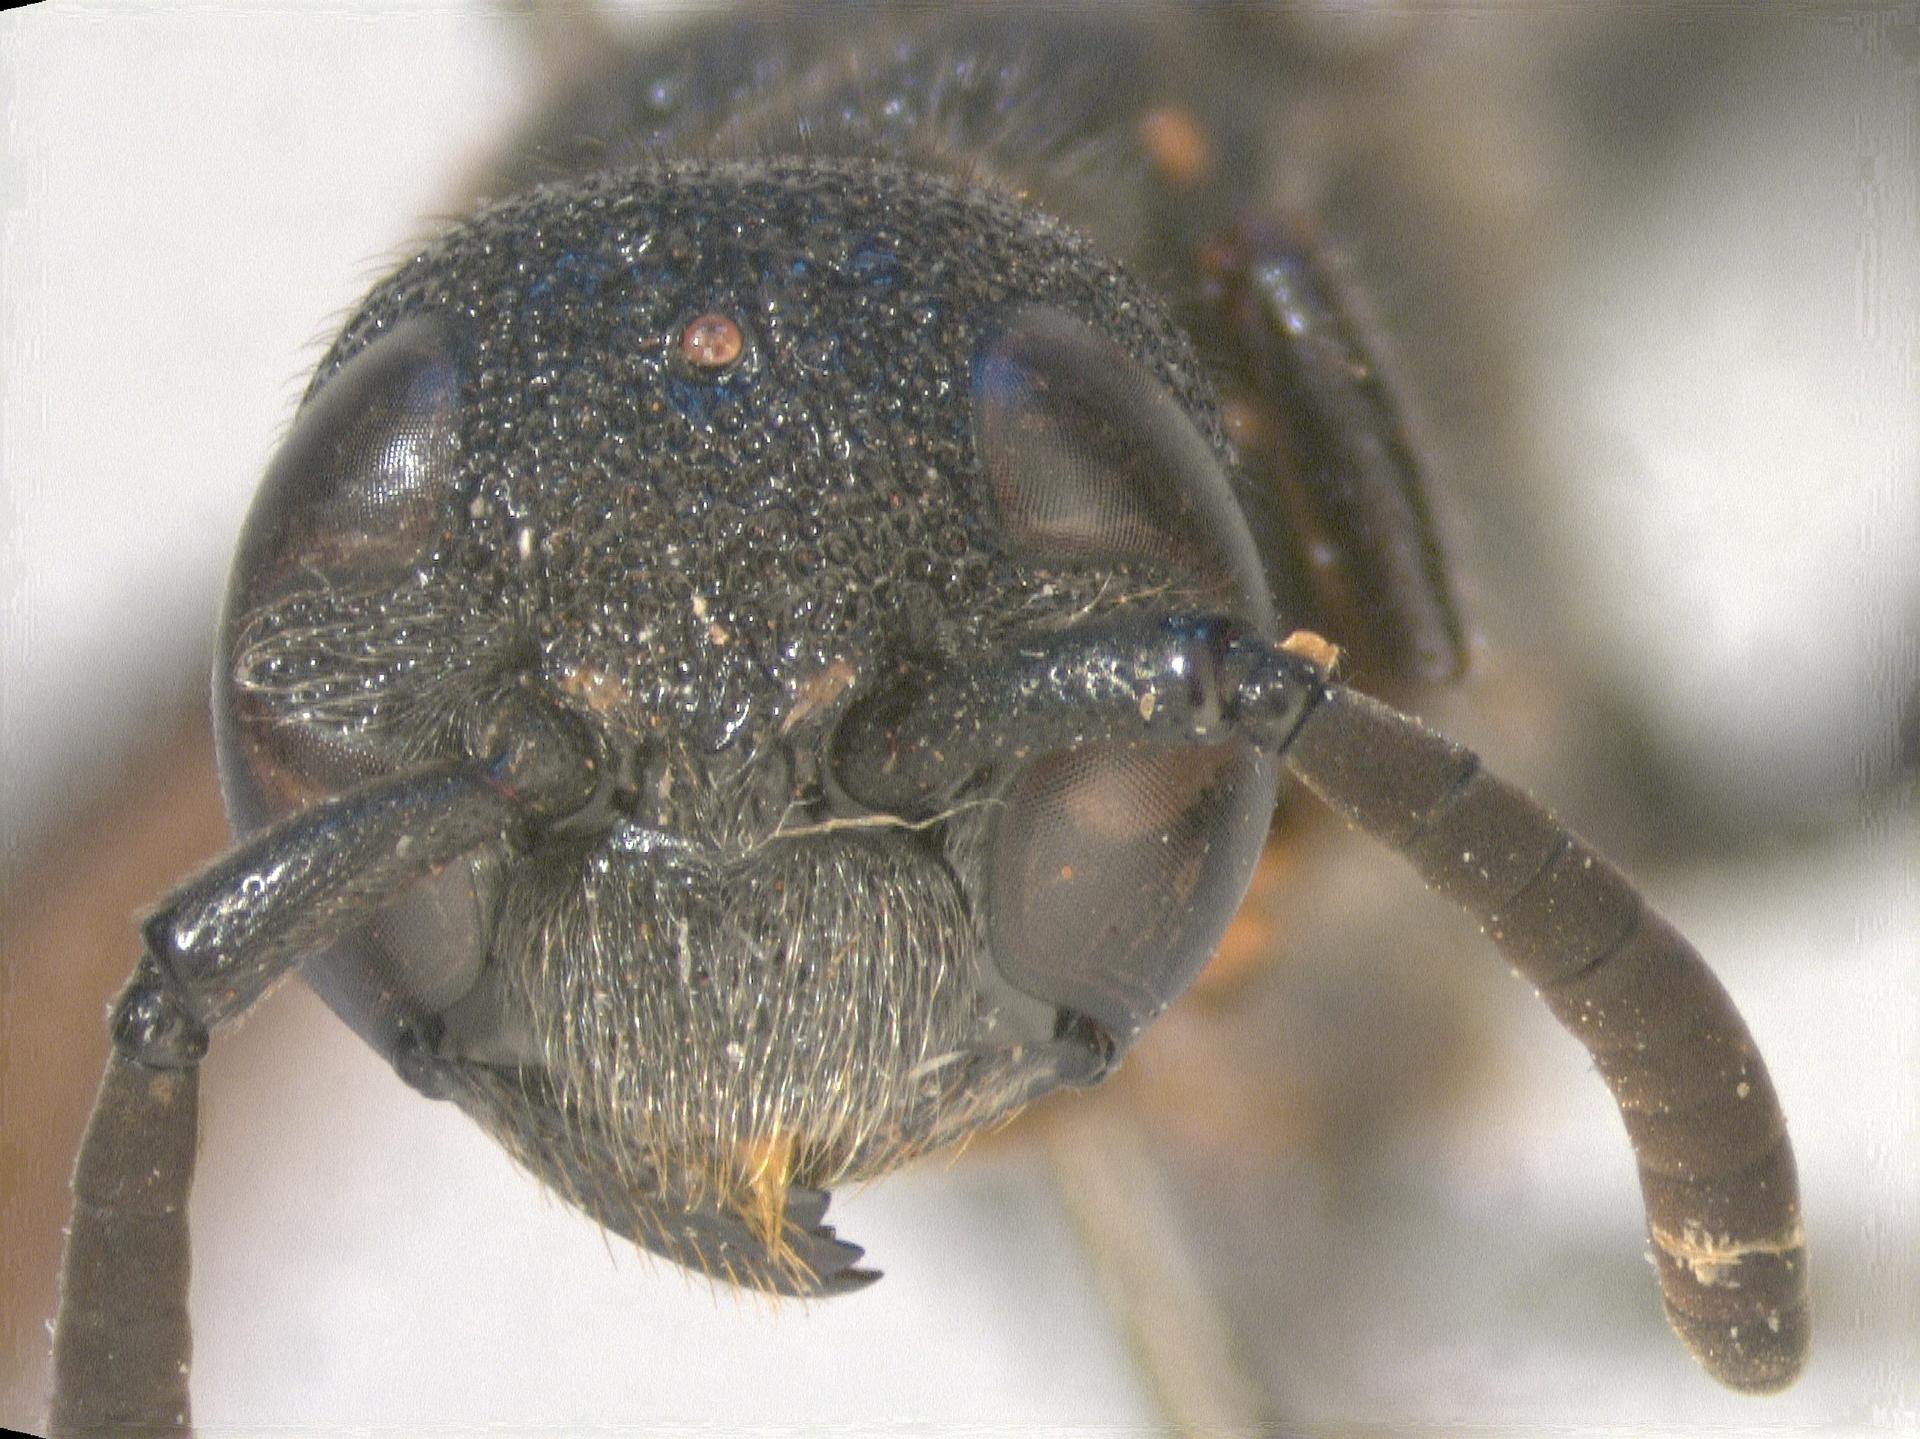 RMNH.INS.959883 | Zethus albopilosus Giordani Soika, 1995